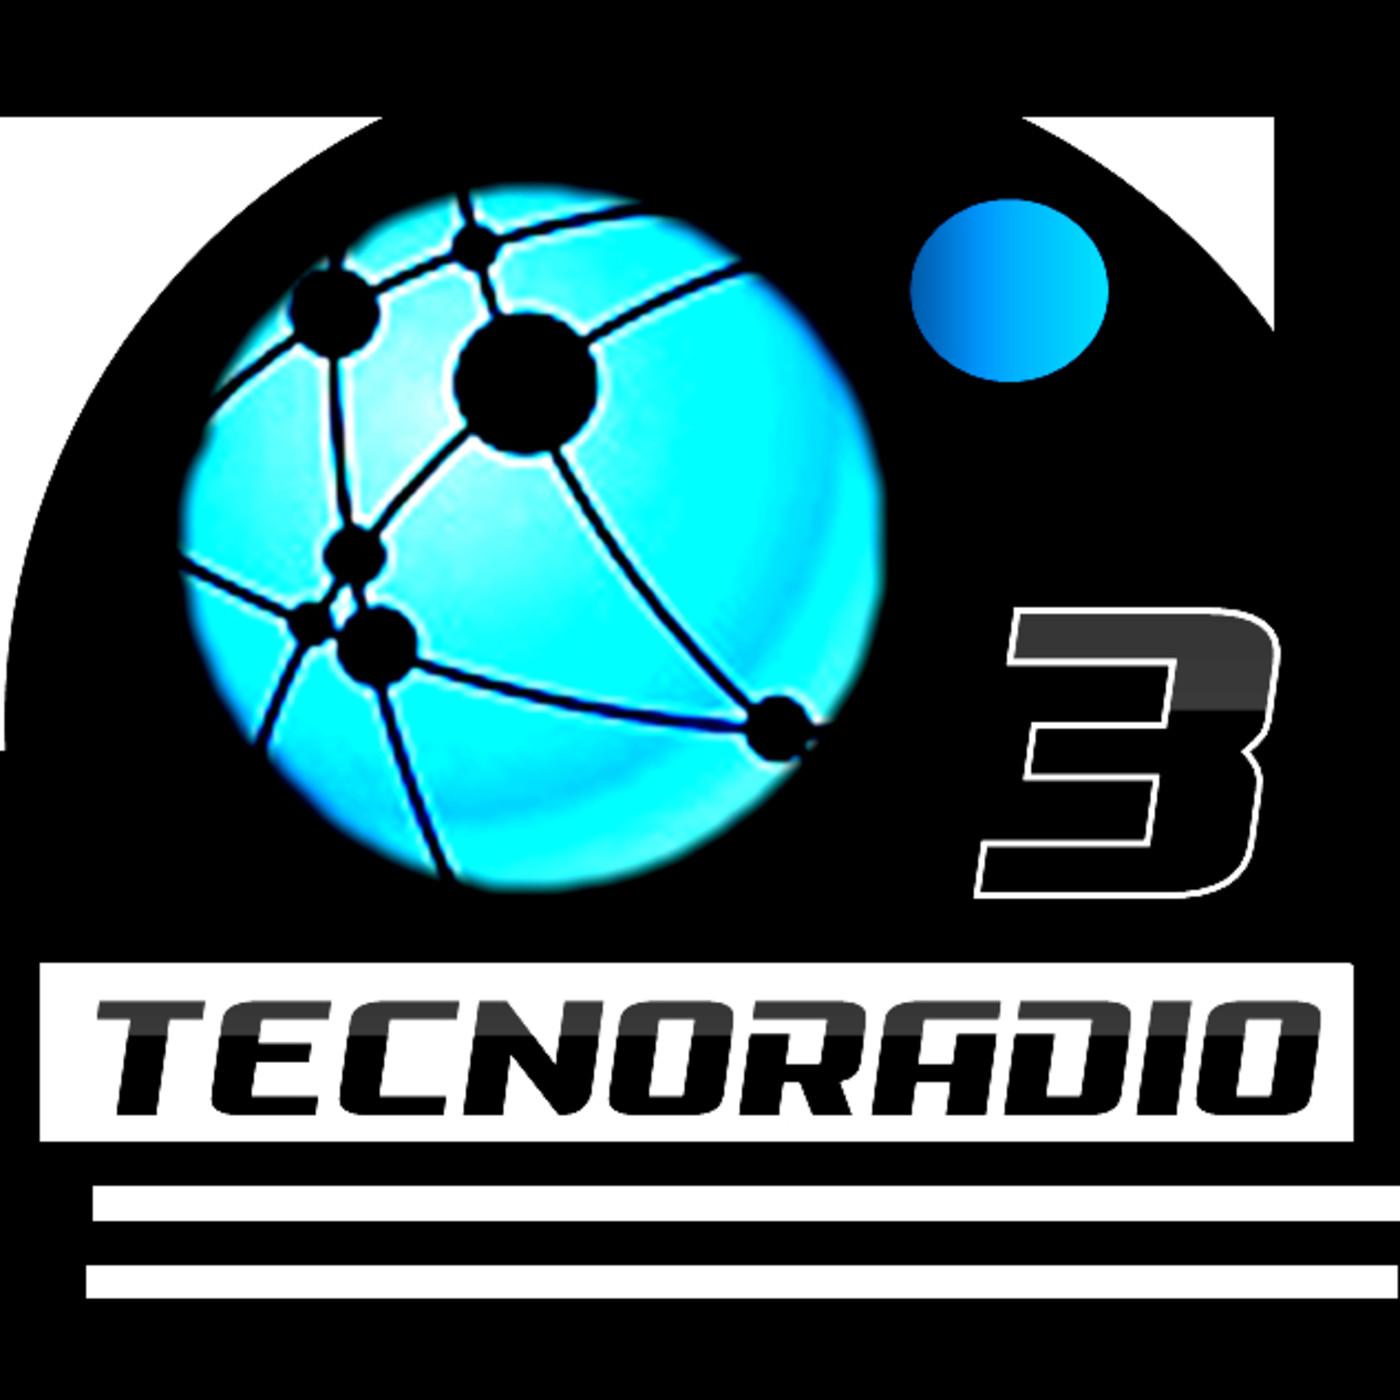 TECNOradio 3 - Semana 3